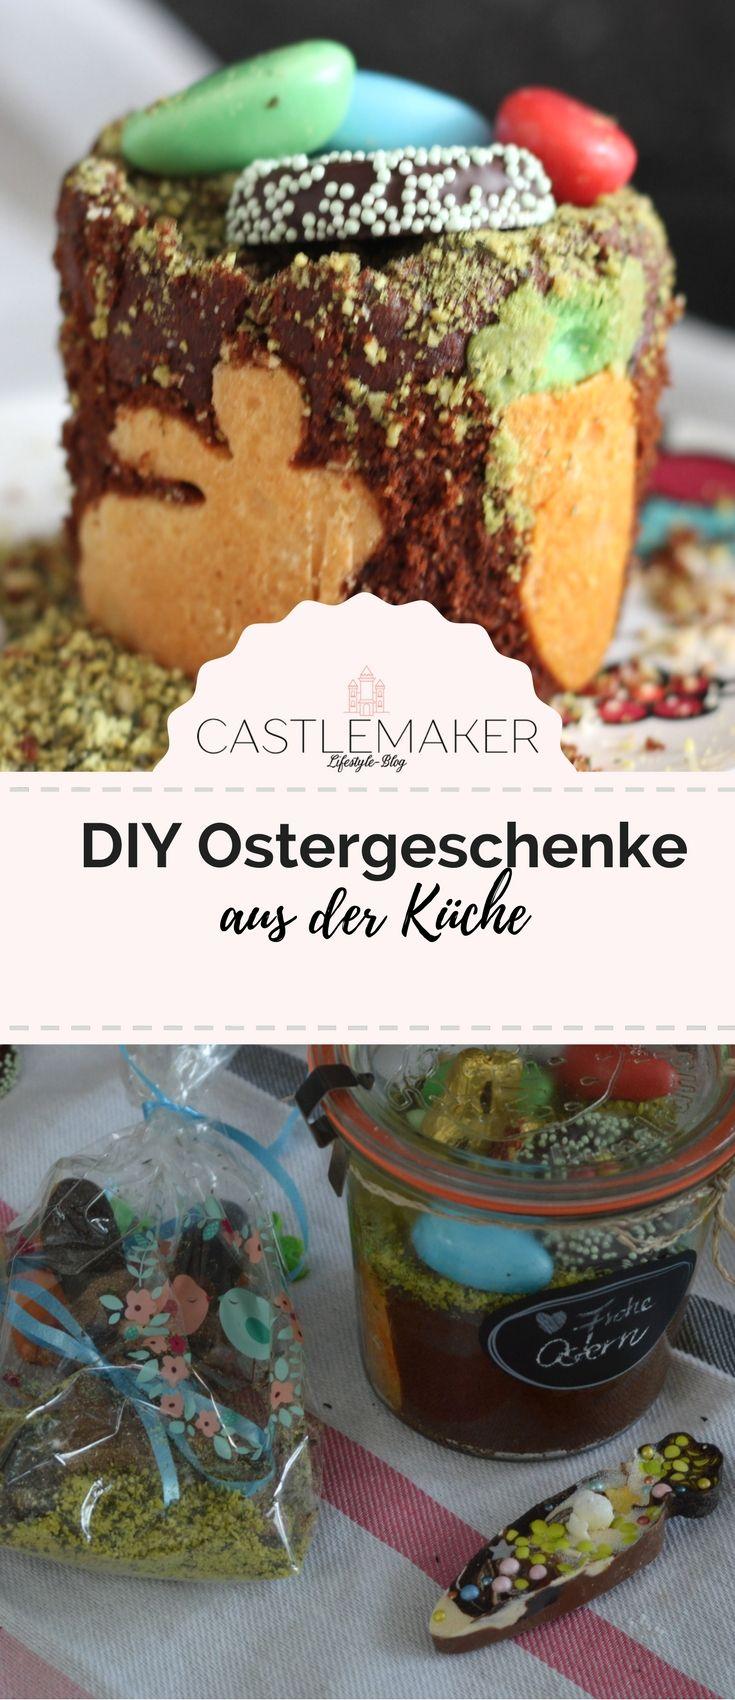 DIY Ostergeschenke - Schokokuchen im Glas, Osterschokolade ...